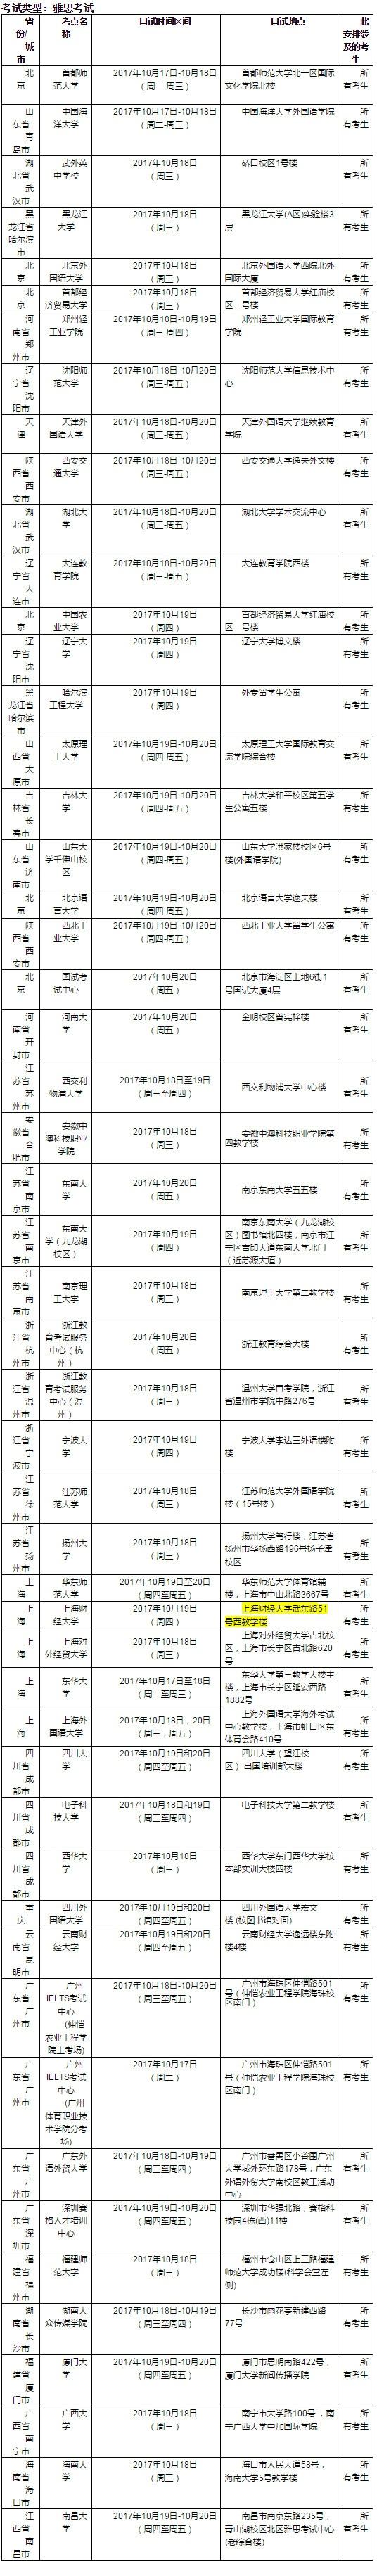 2017年10月21日雅思口语考试安排